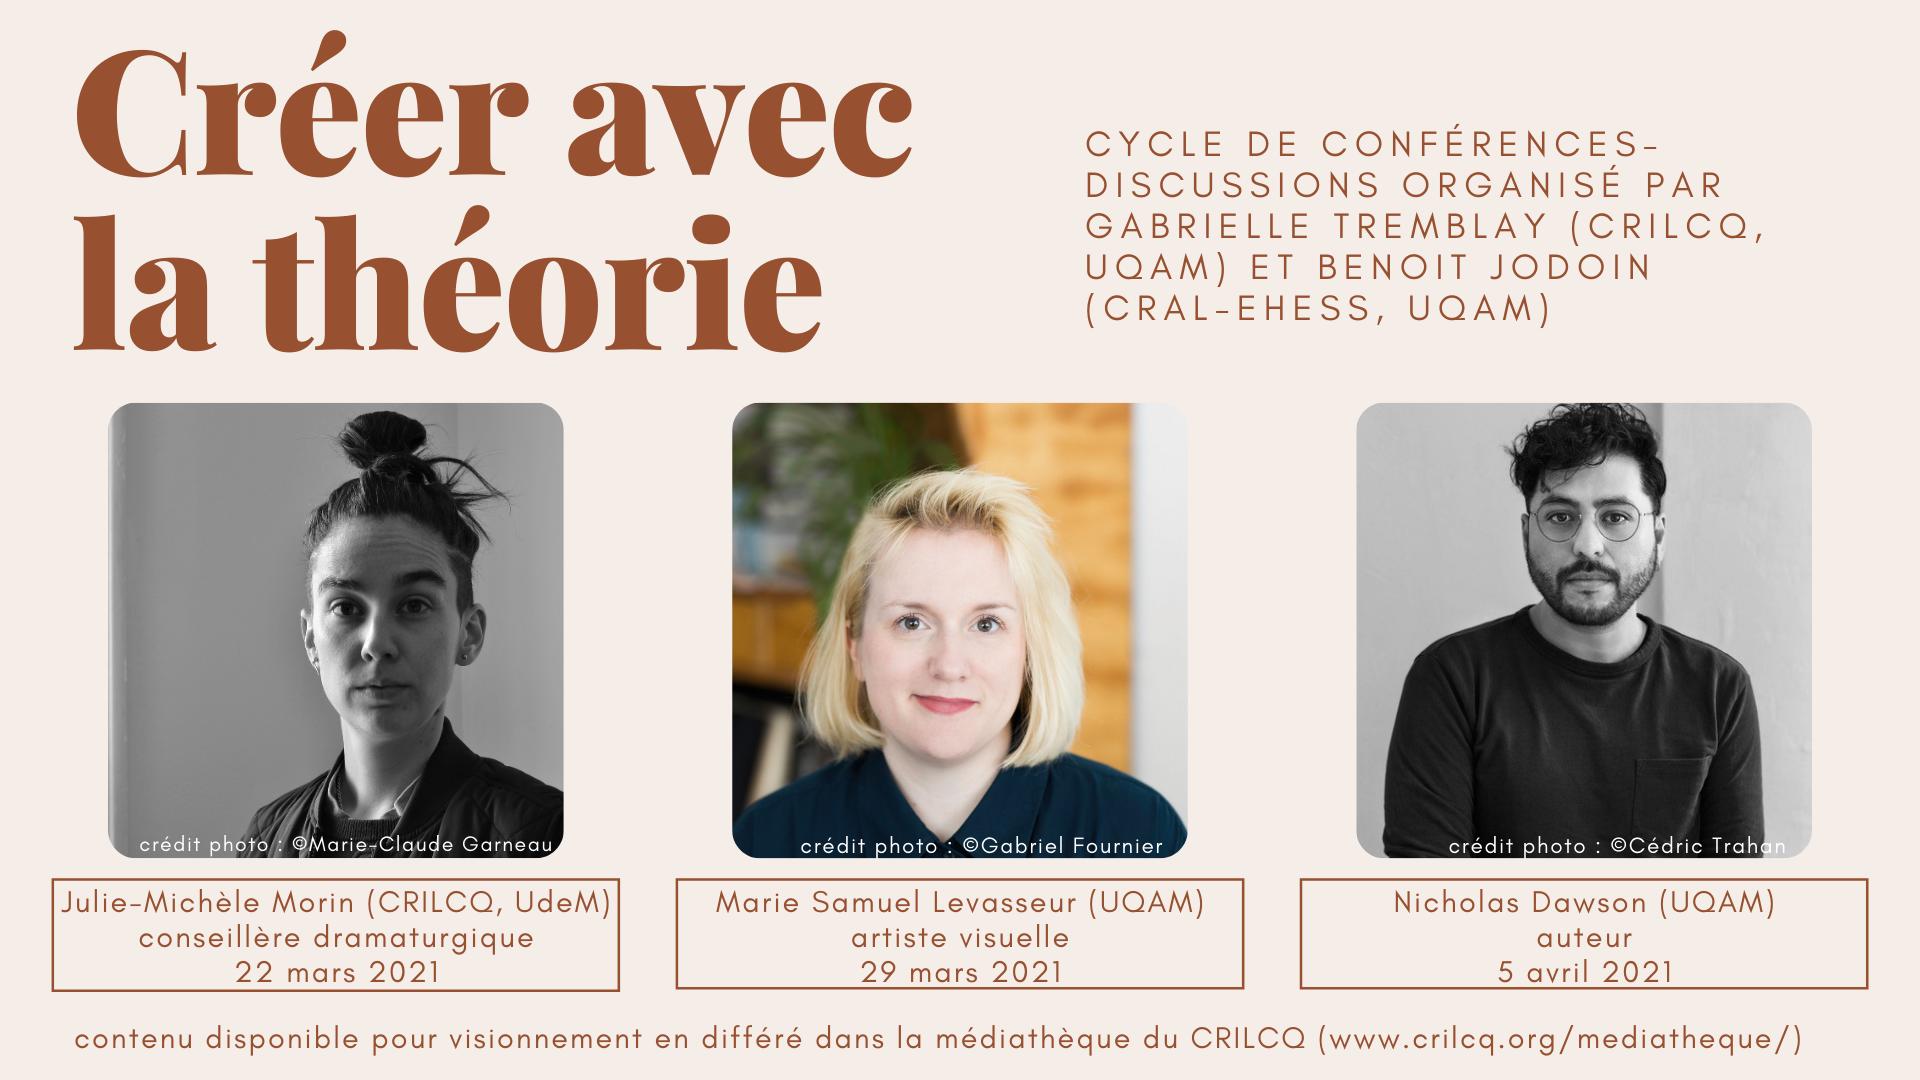 IMAGE-evenement-cycle-de-conferences-creer-avec-la-theorie